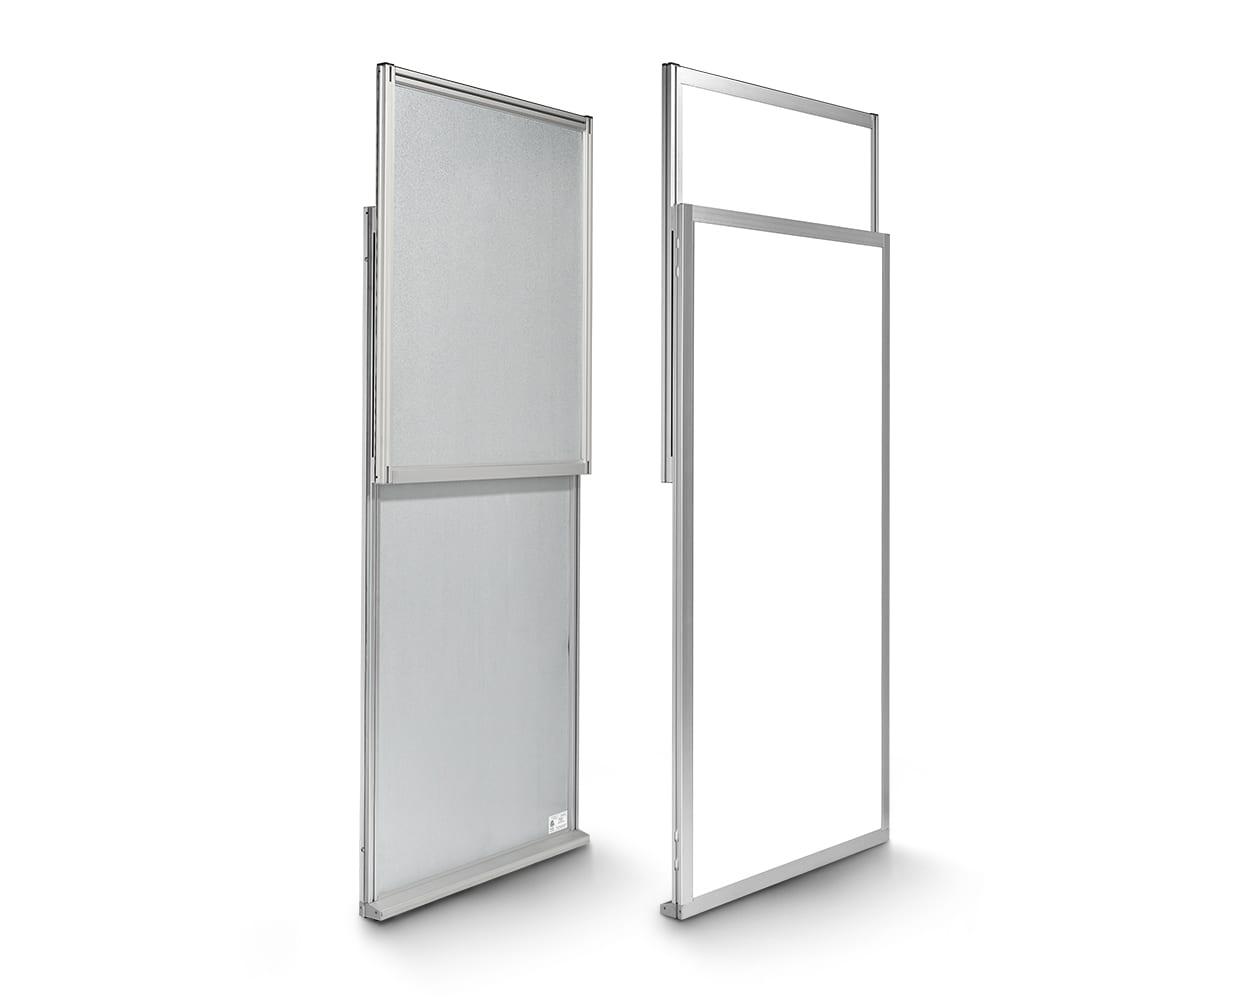 realwall panel